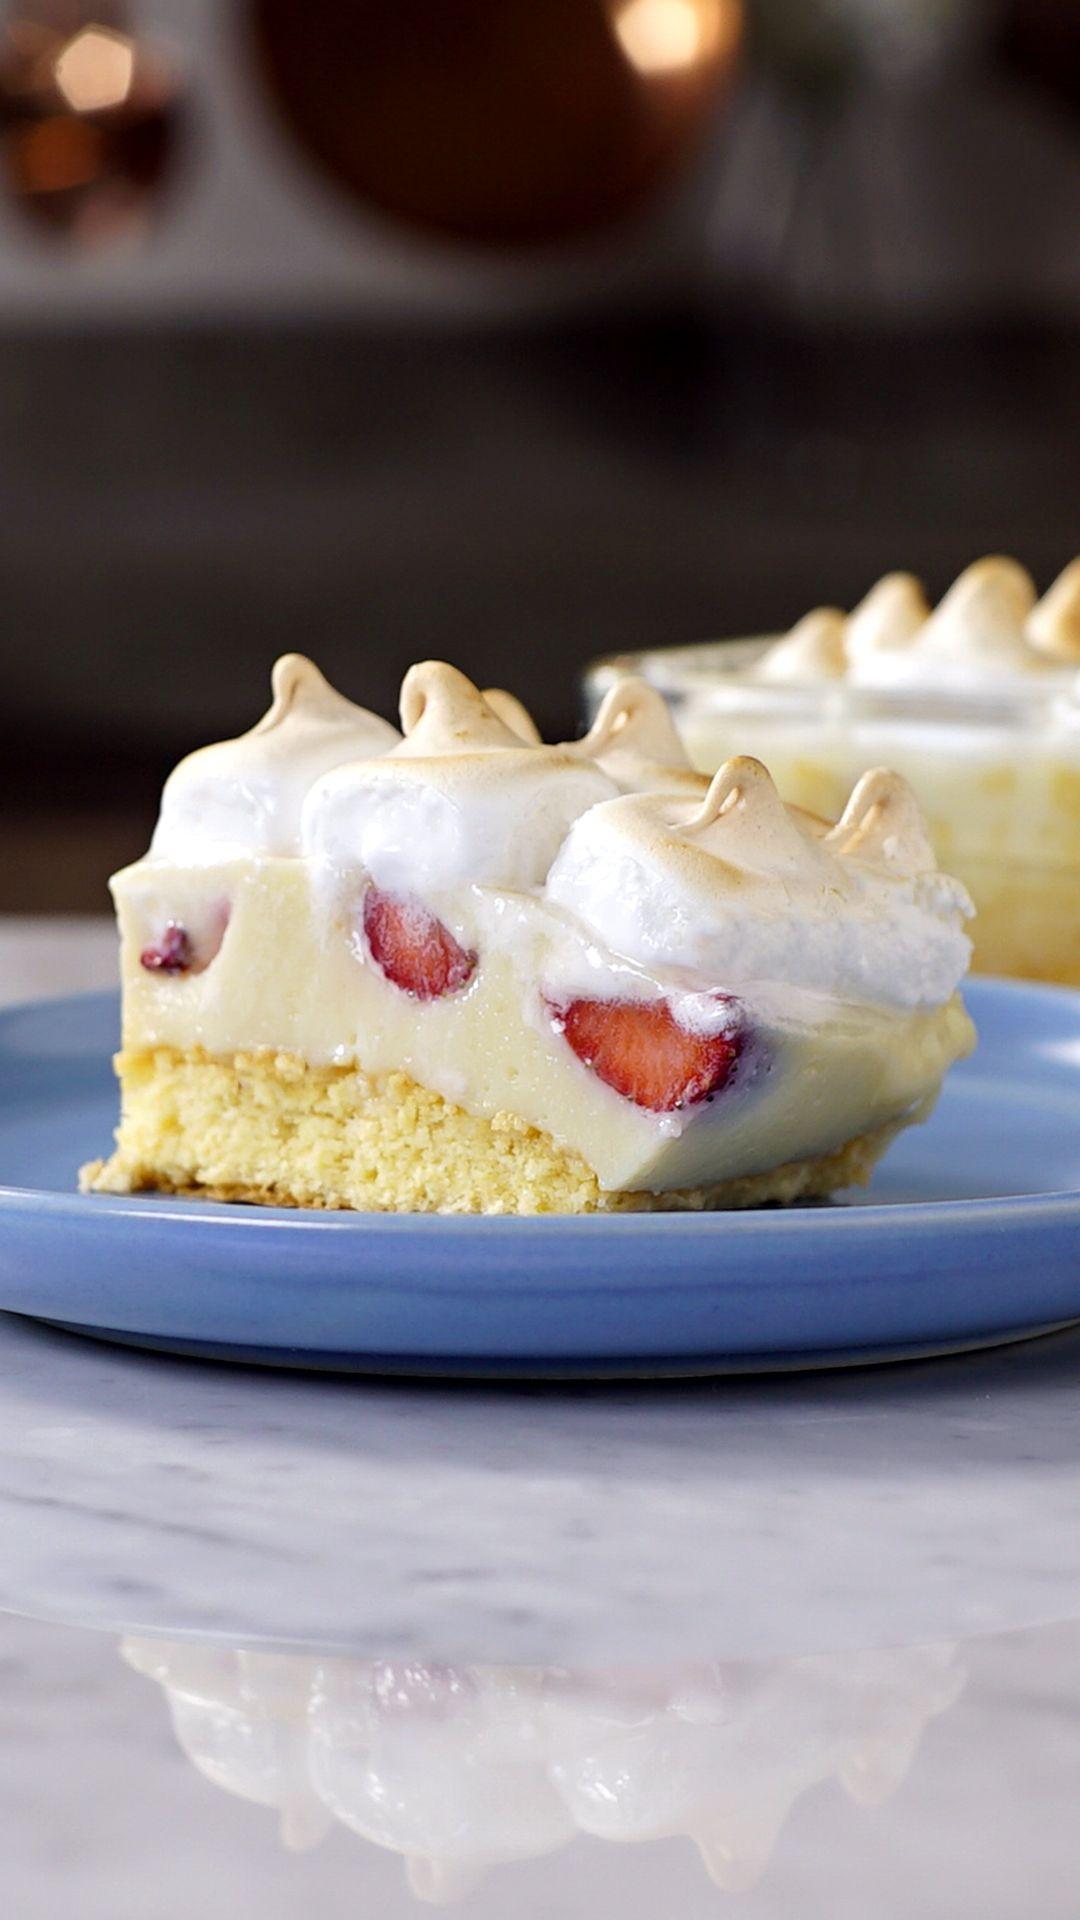 Torta Cremosa de Fresas is part of Desserts - Disfruta sin moderación ese irresistible pastel de fresa con merengue!